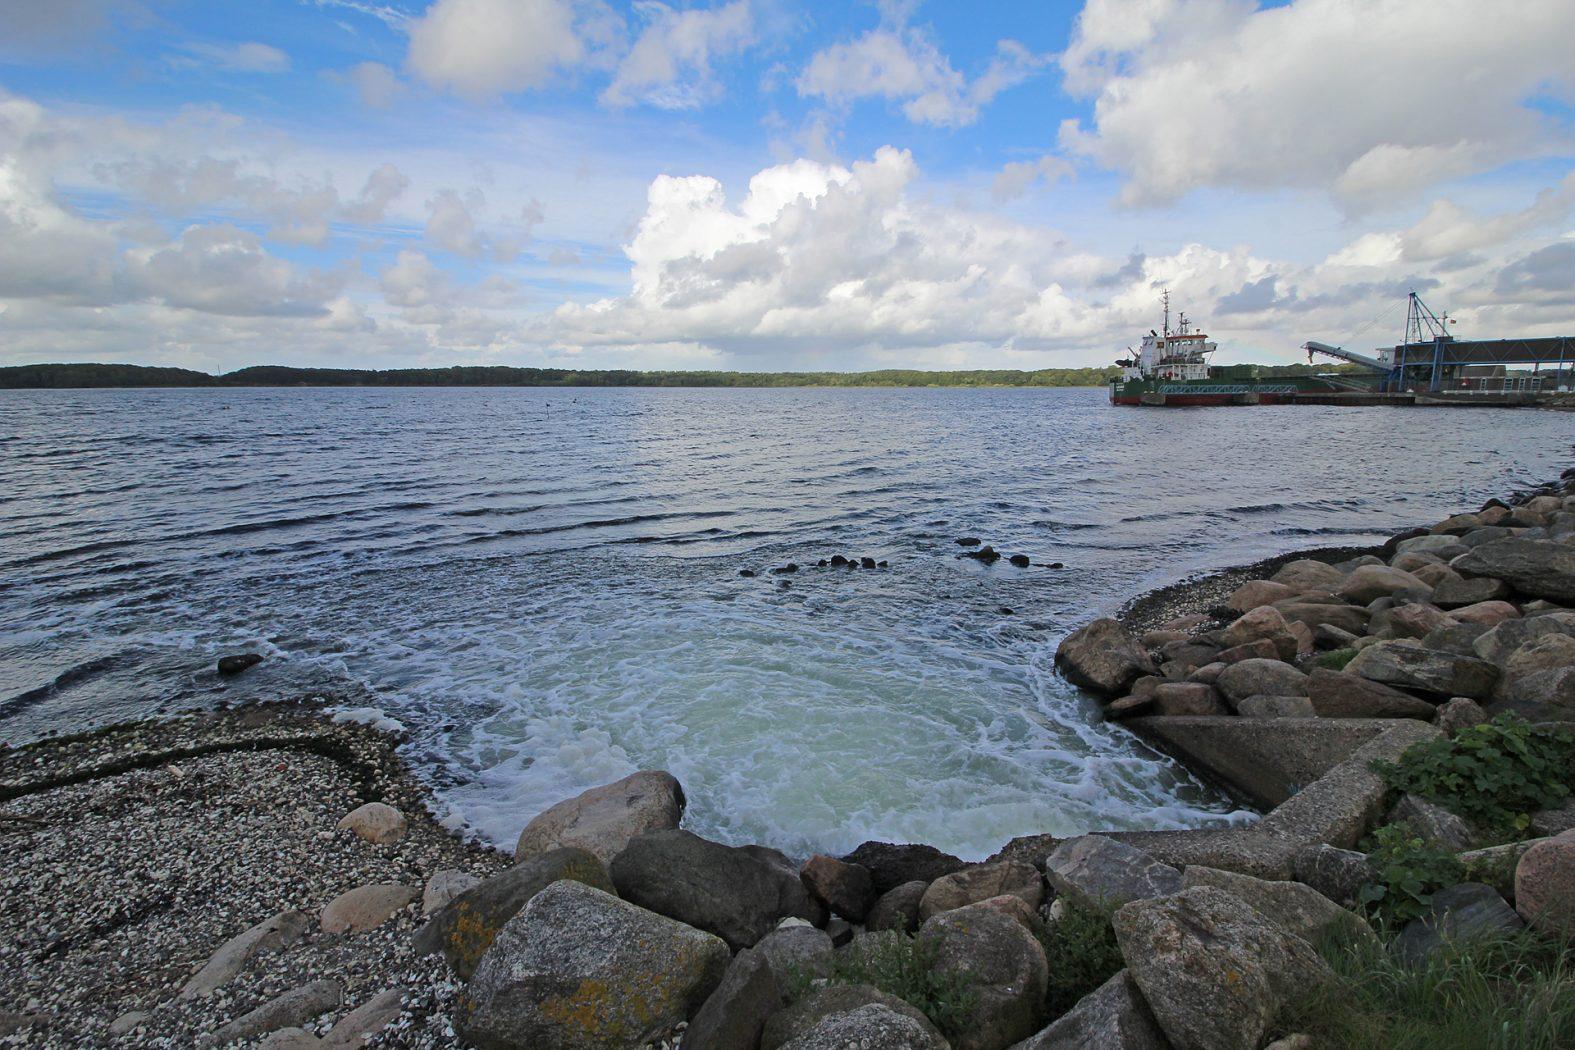 Angelplatz für Meerforellenangeln im Winter